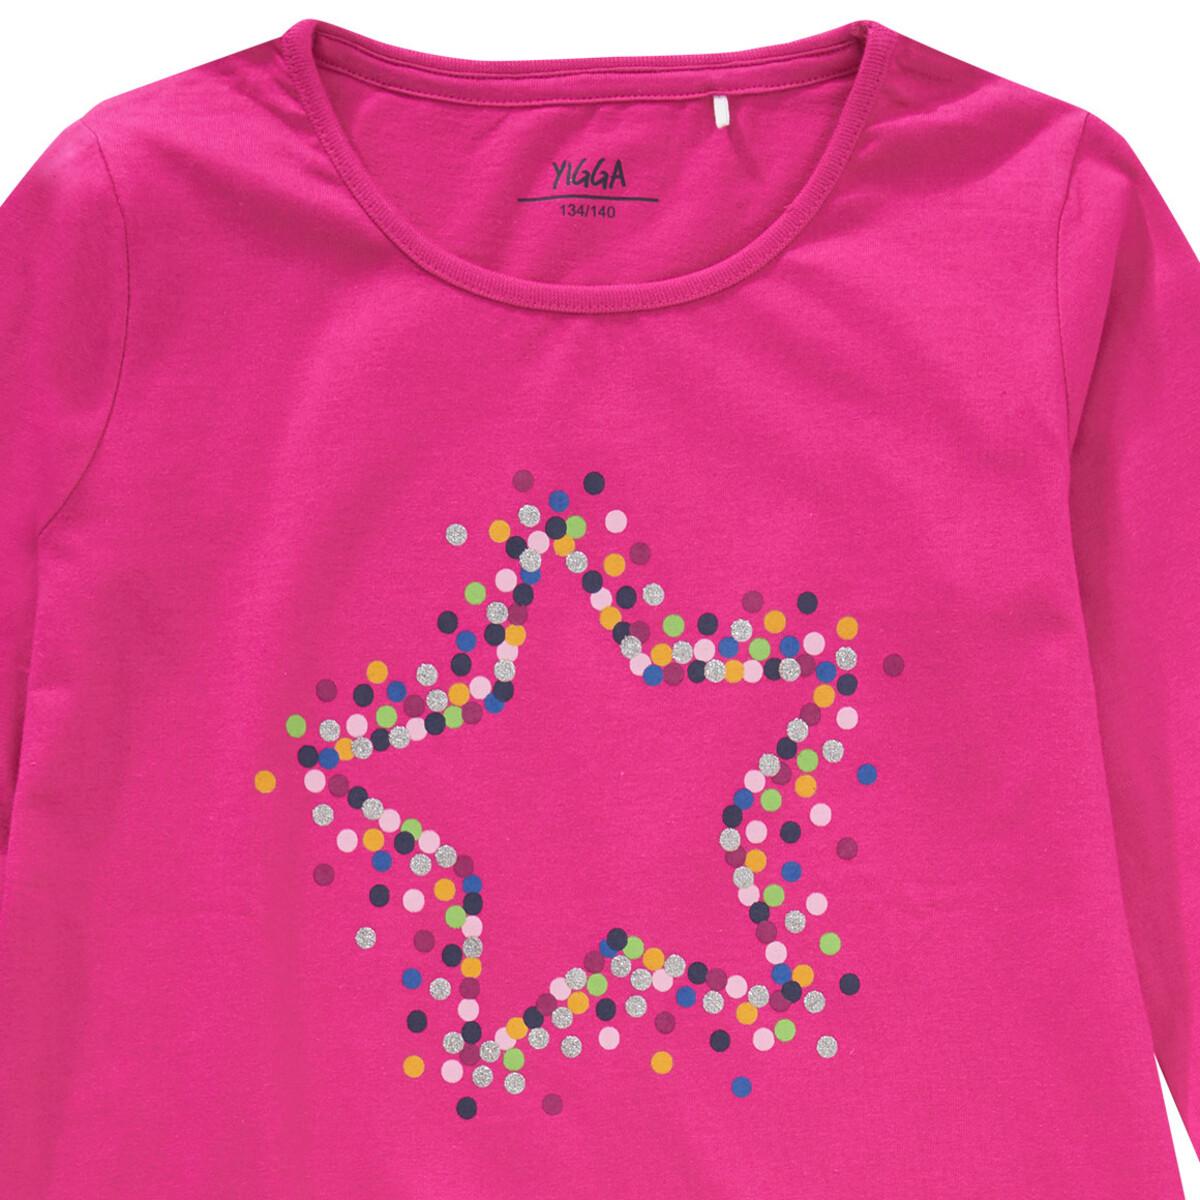 Bild 2 von Mädchen Langarmshirt mit Sternen-Print